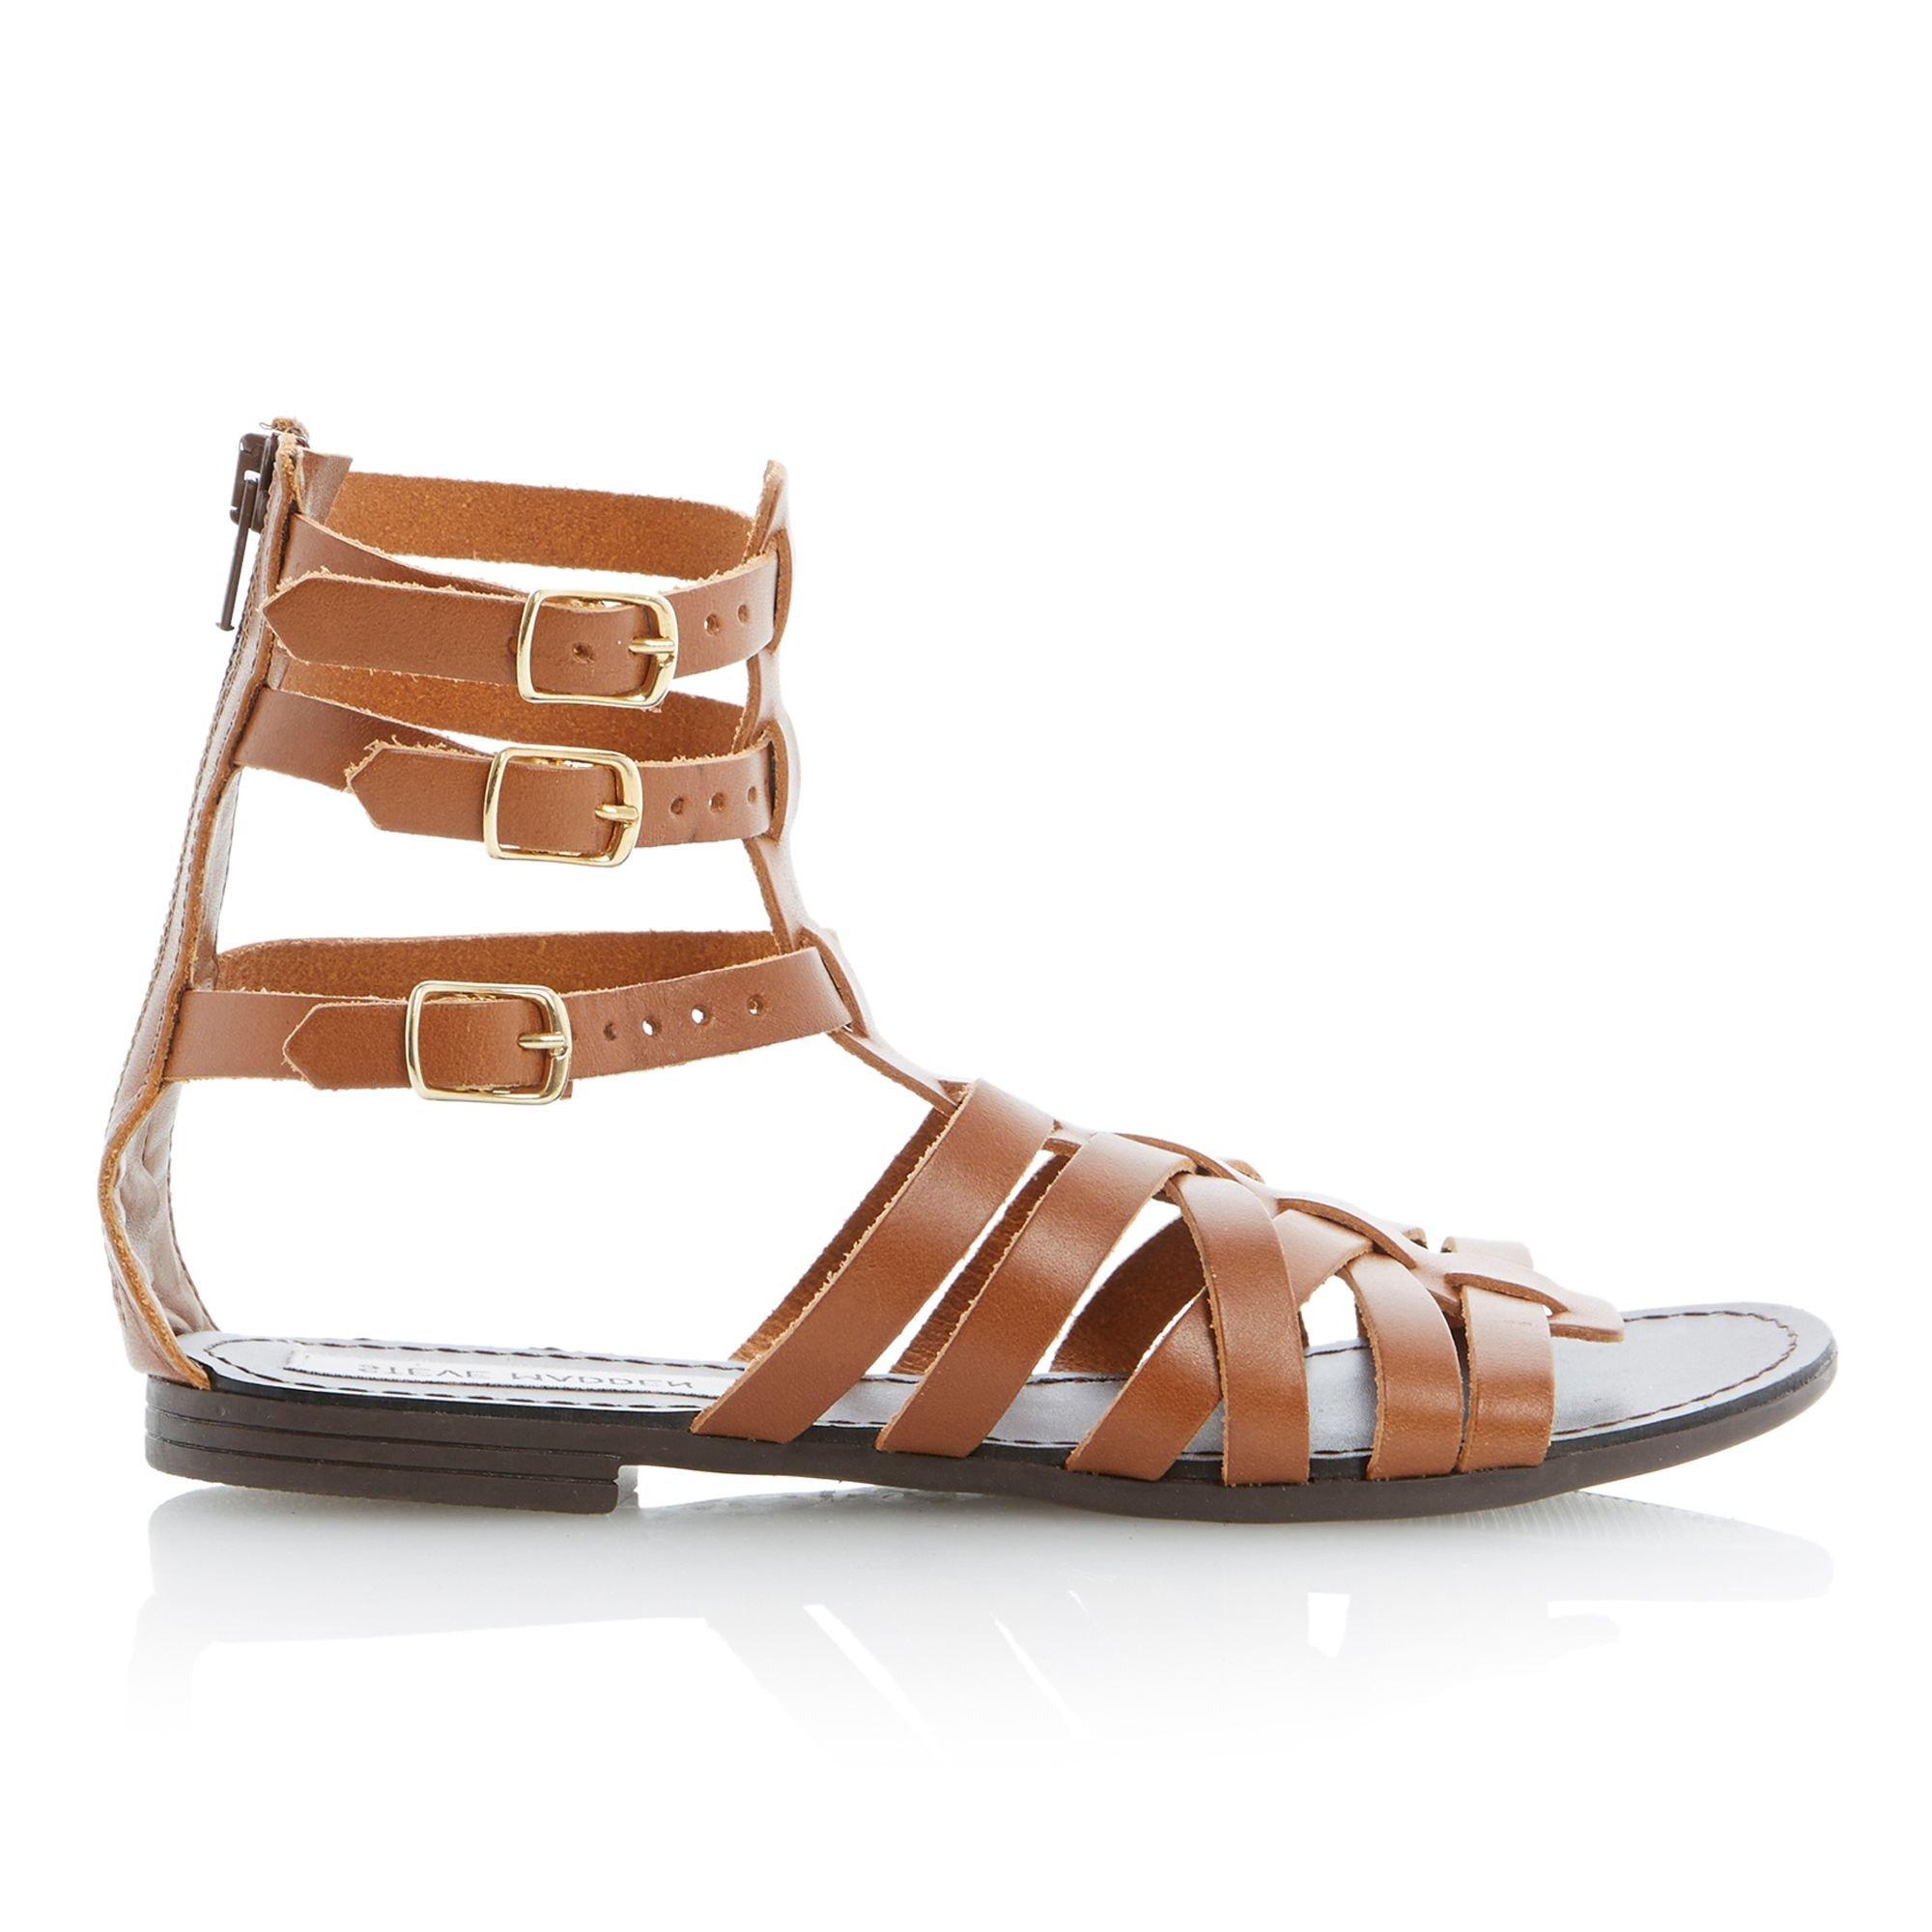 Triple buckle sandal flats shoejob 2